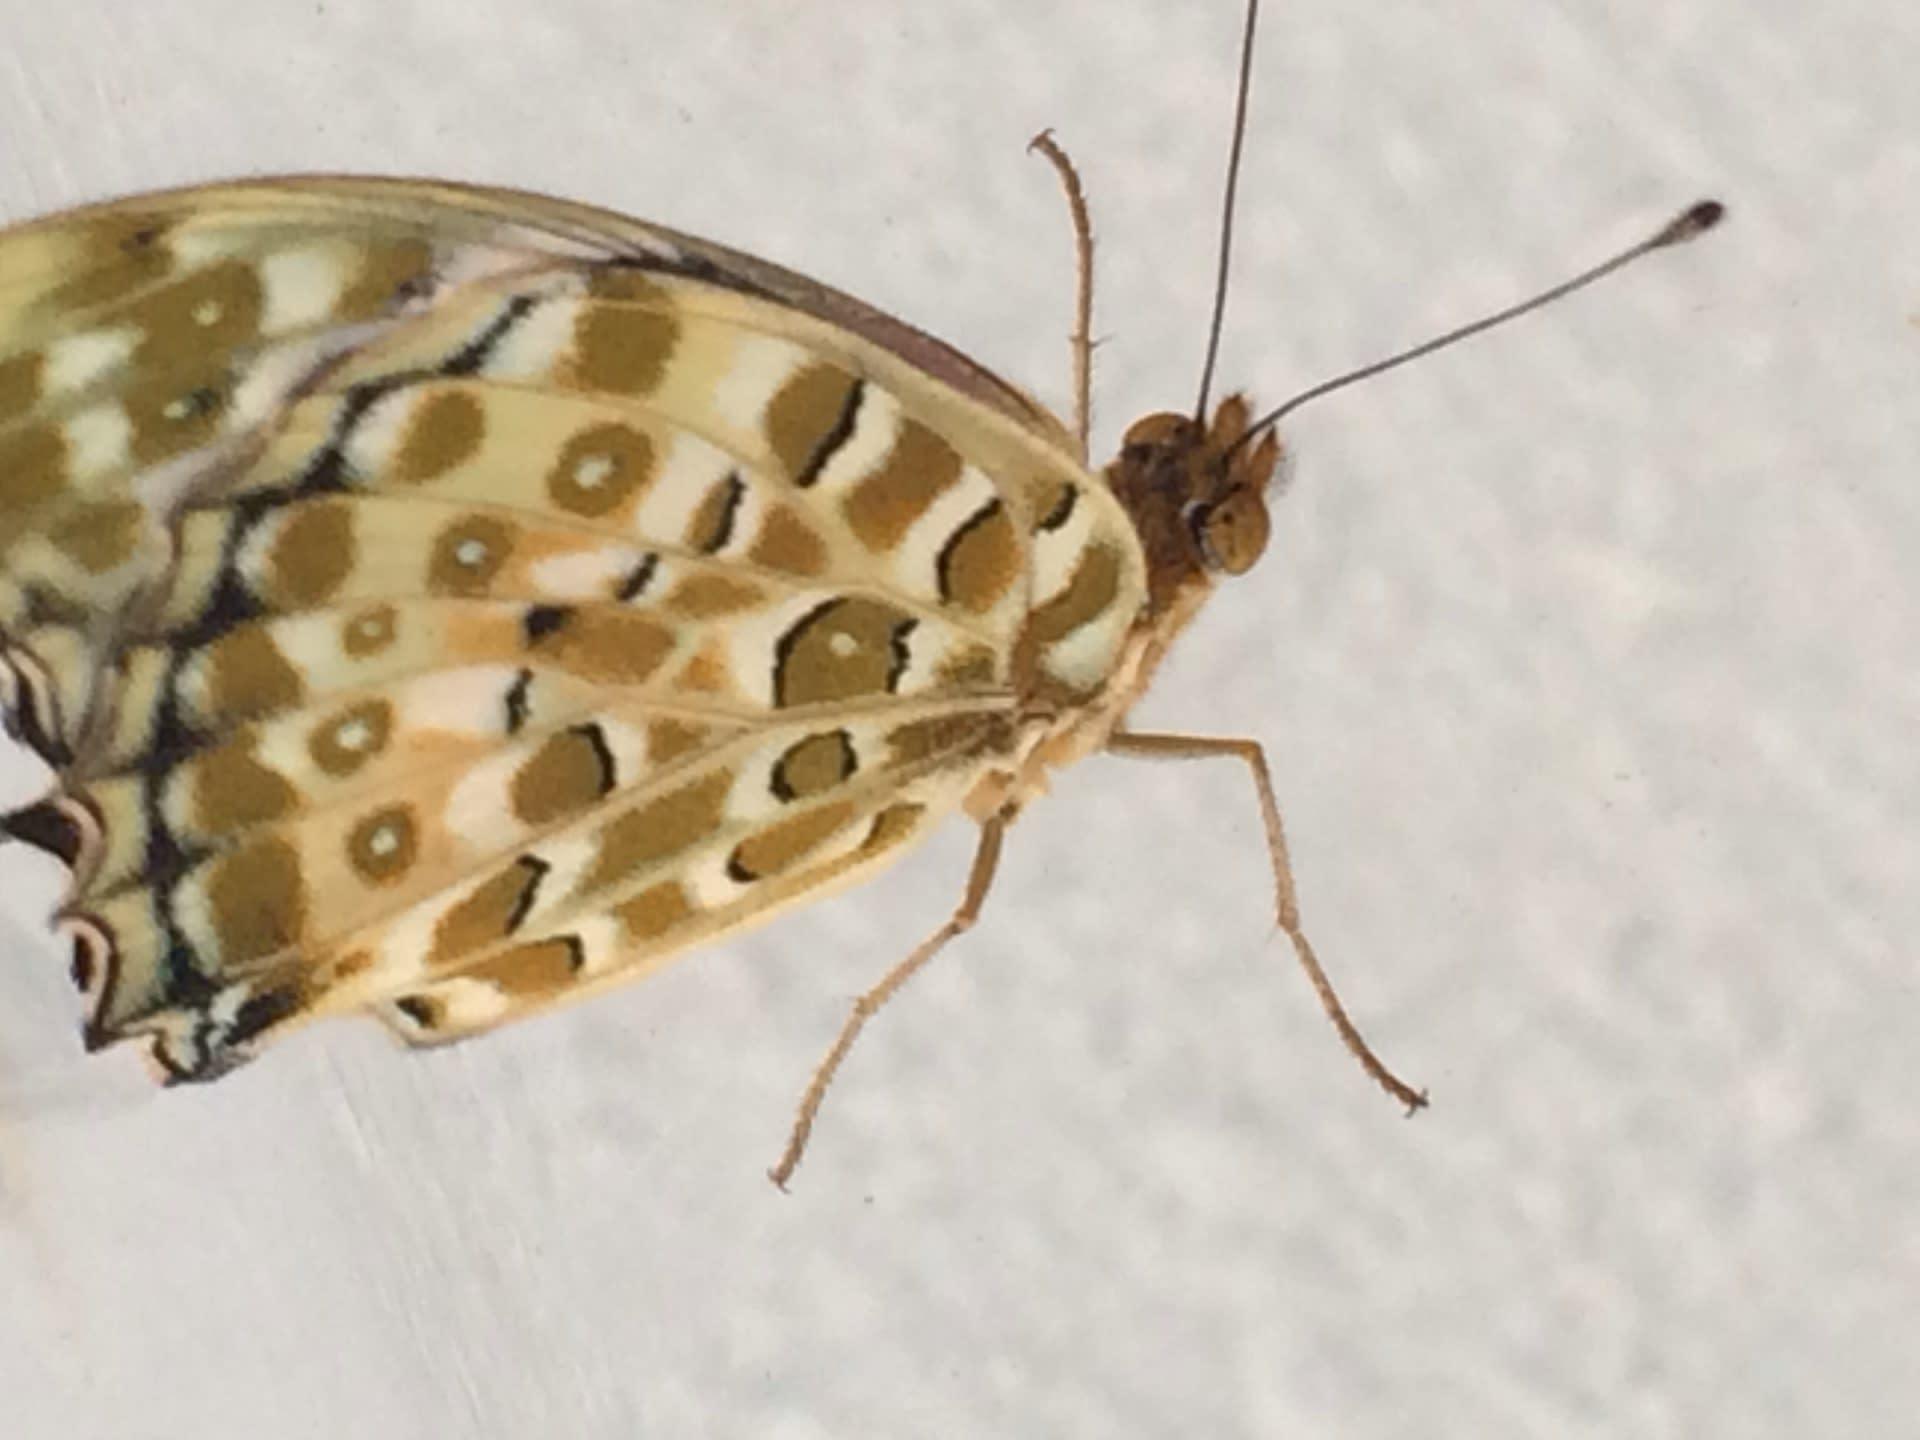 草花と昆虫、ツマグロヒョウモンなど - 写真と短い文章 2